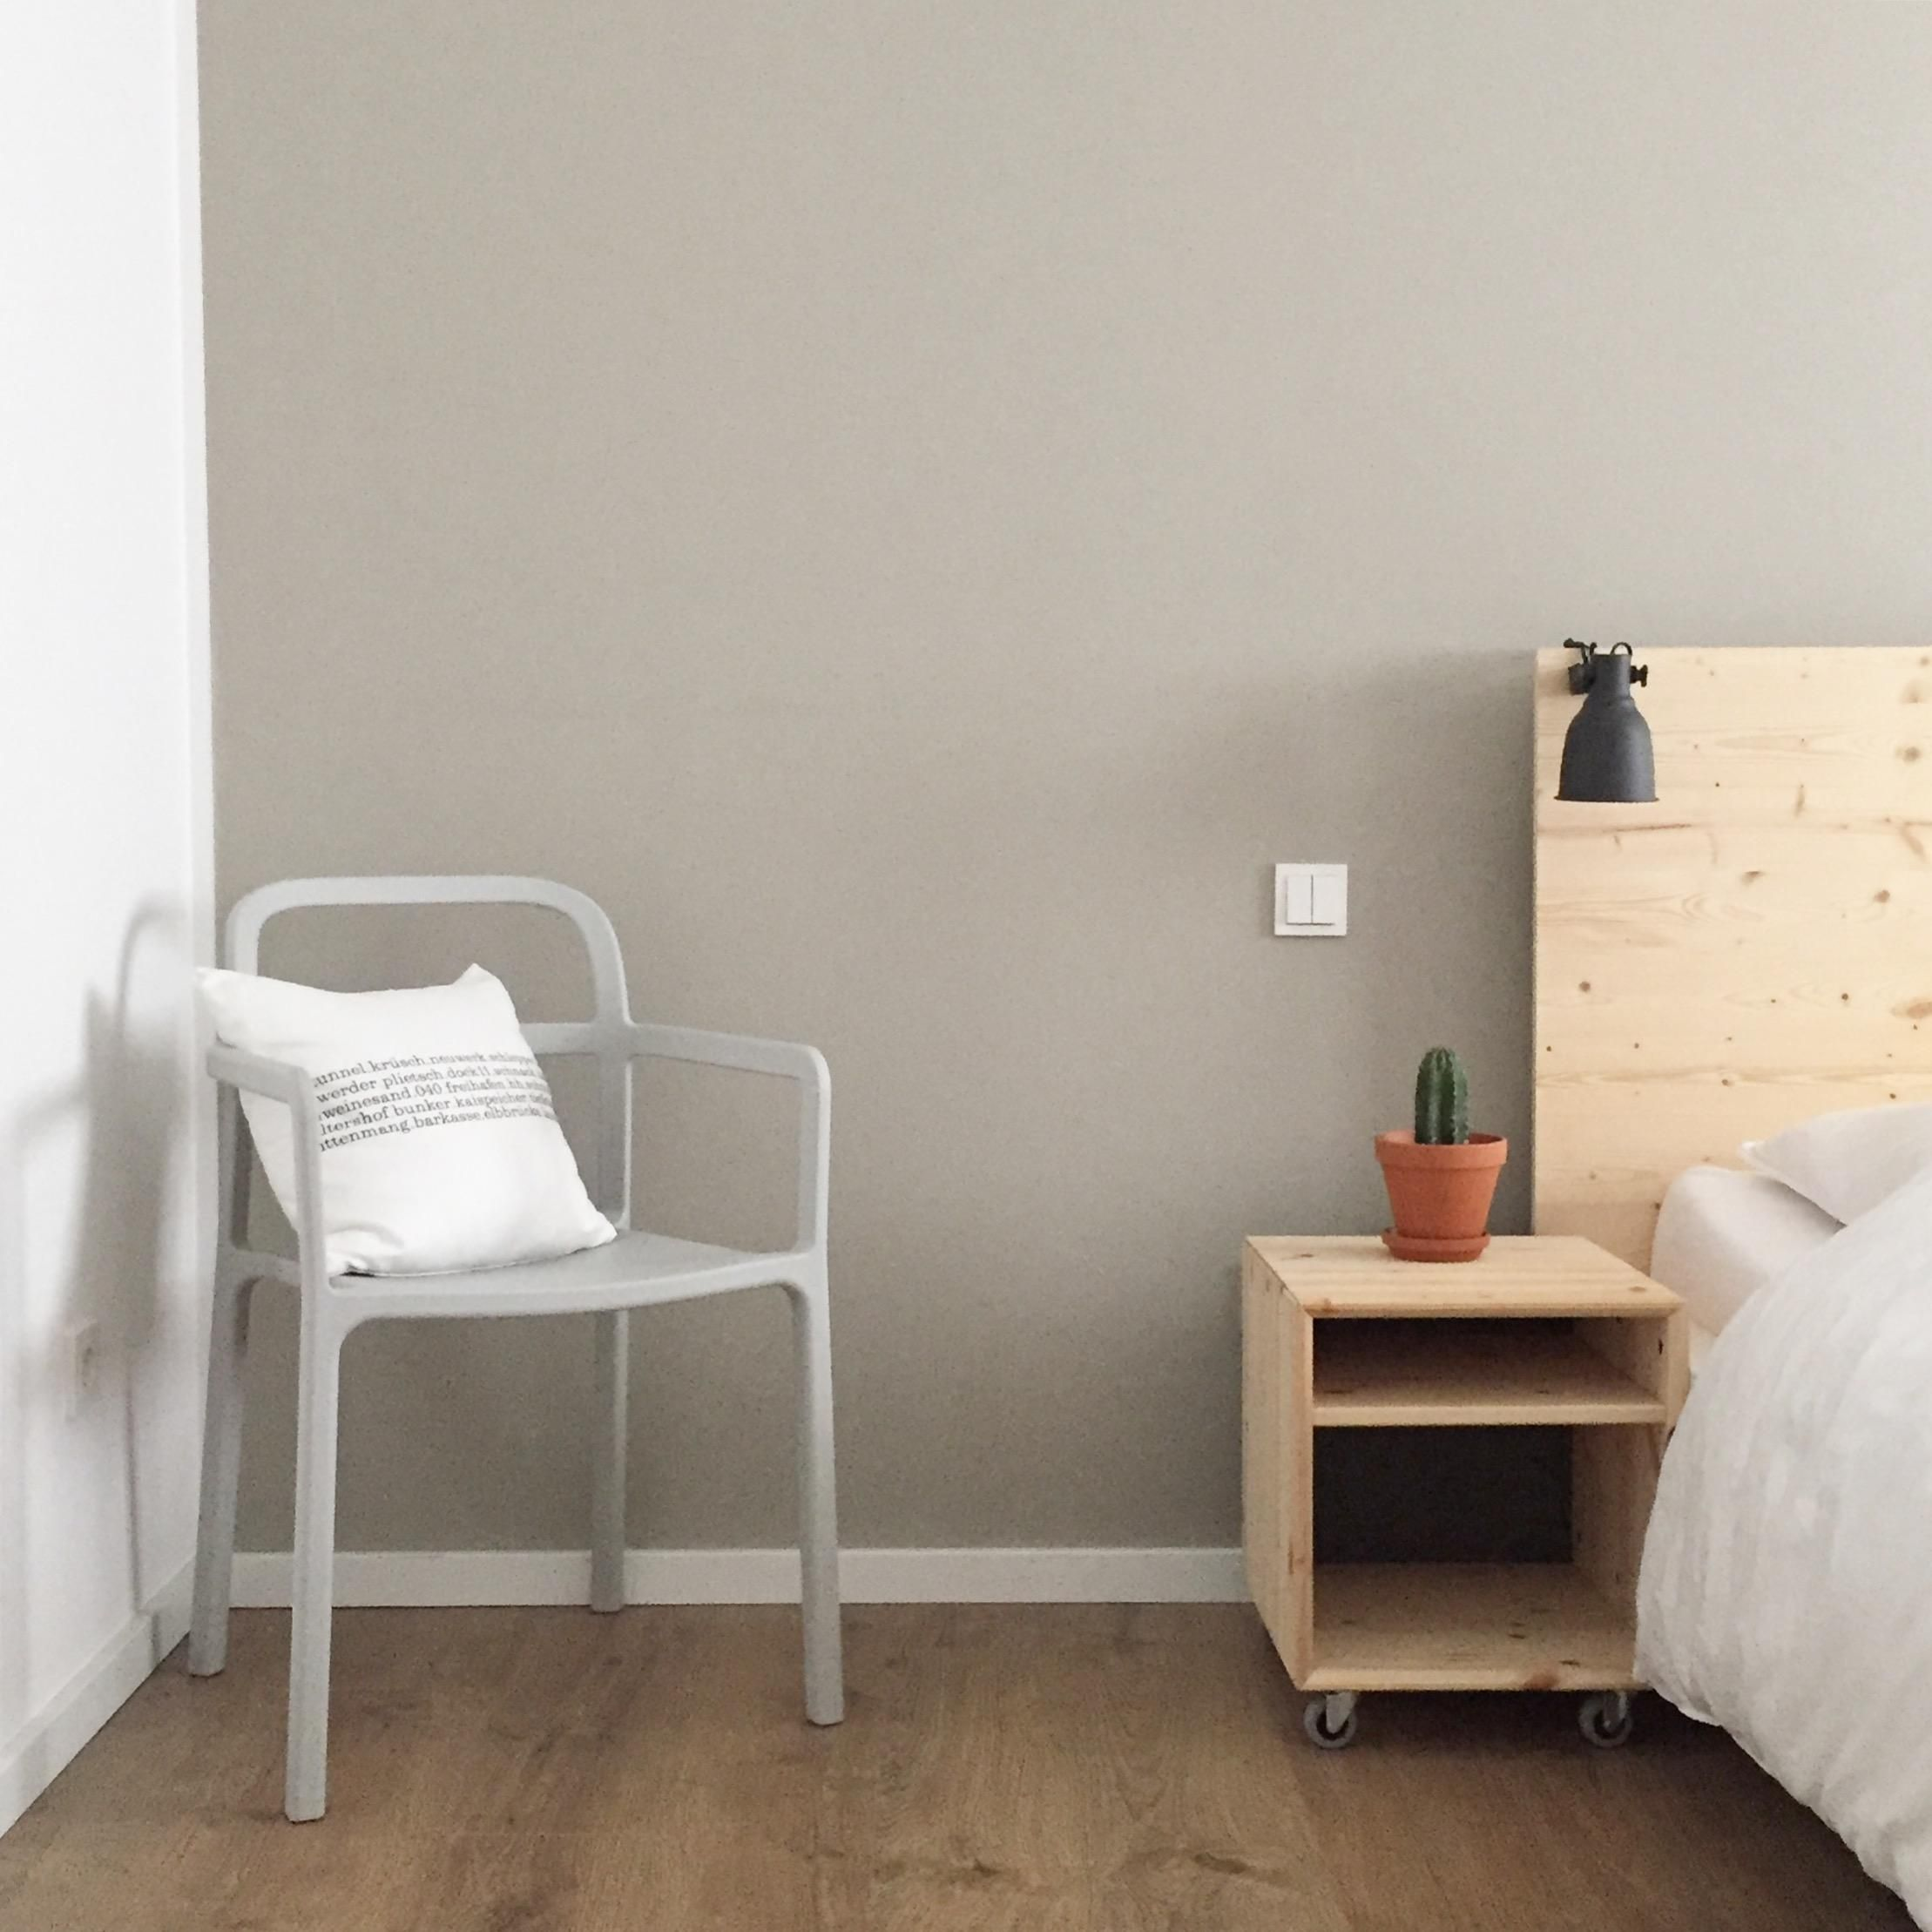 design ideen für schlafzimmer stühle die sie auf jeden fall